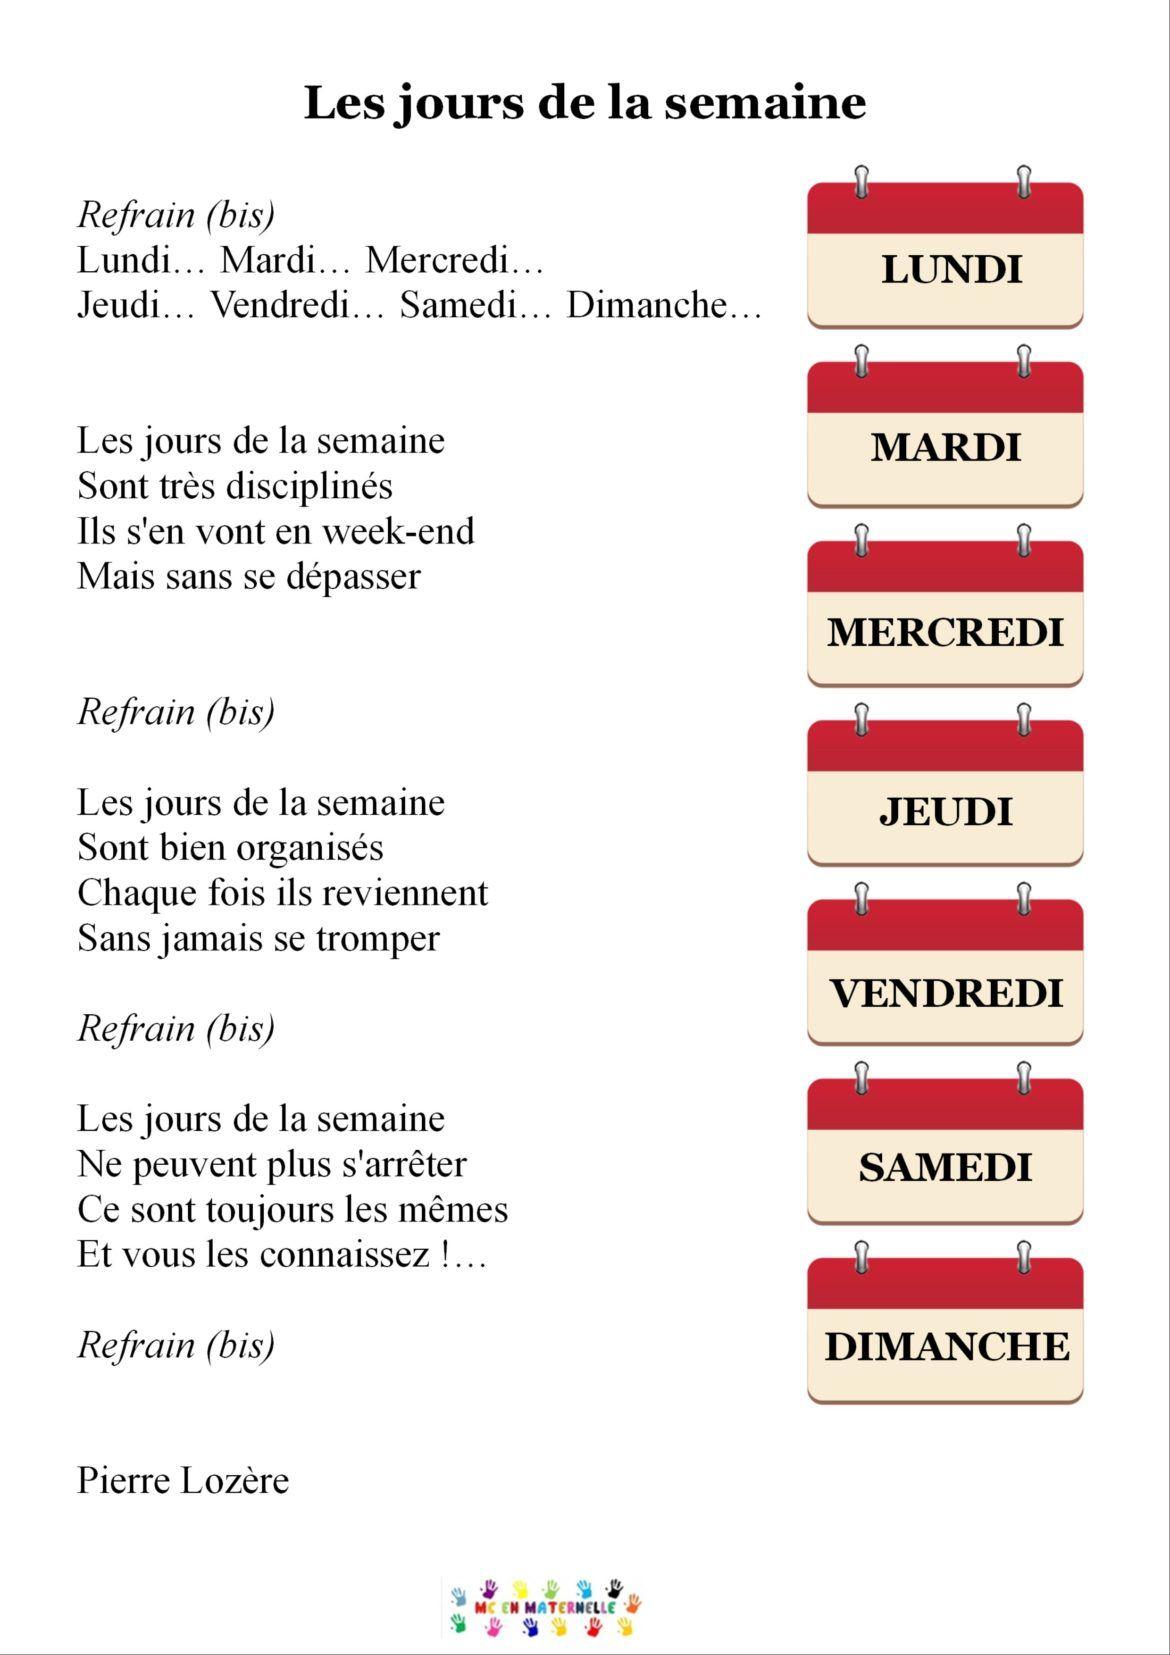 Chanson Les Jours De La Semaine | Jours De La Semaine avec Chanson A Imprimer